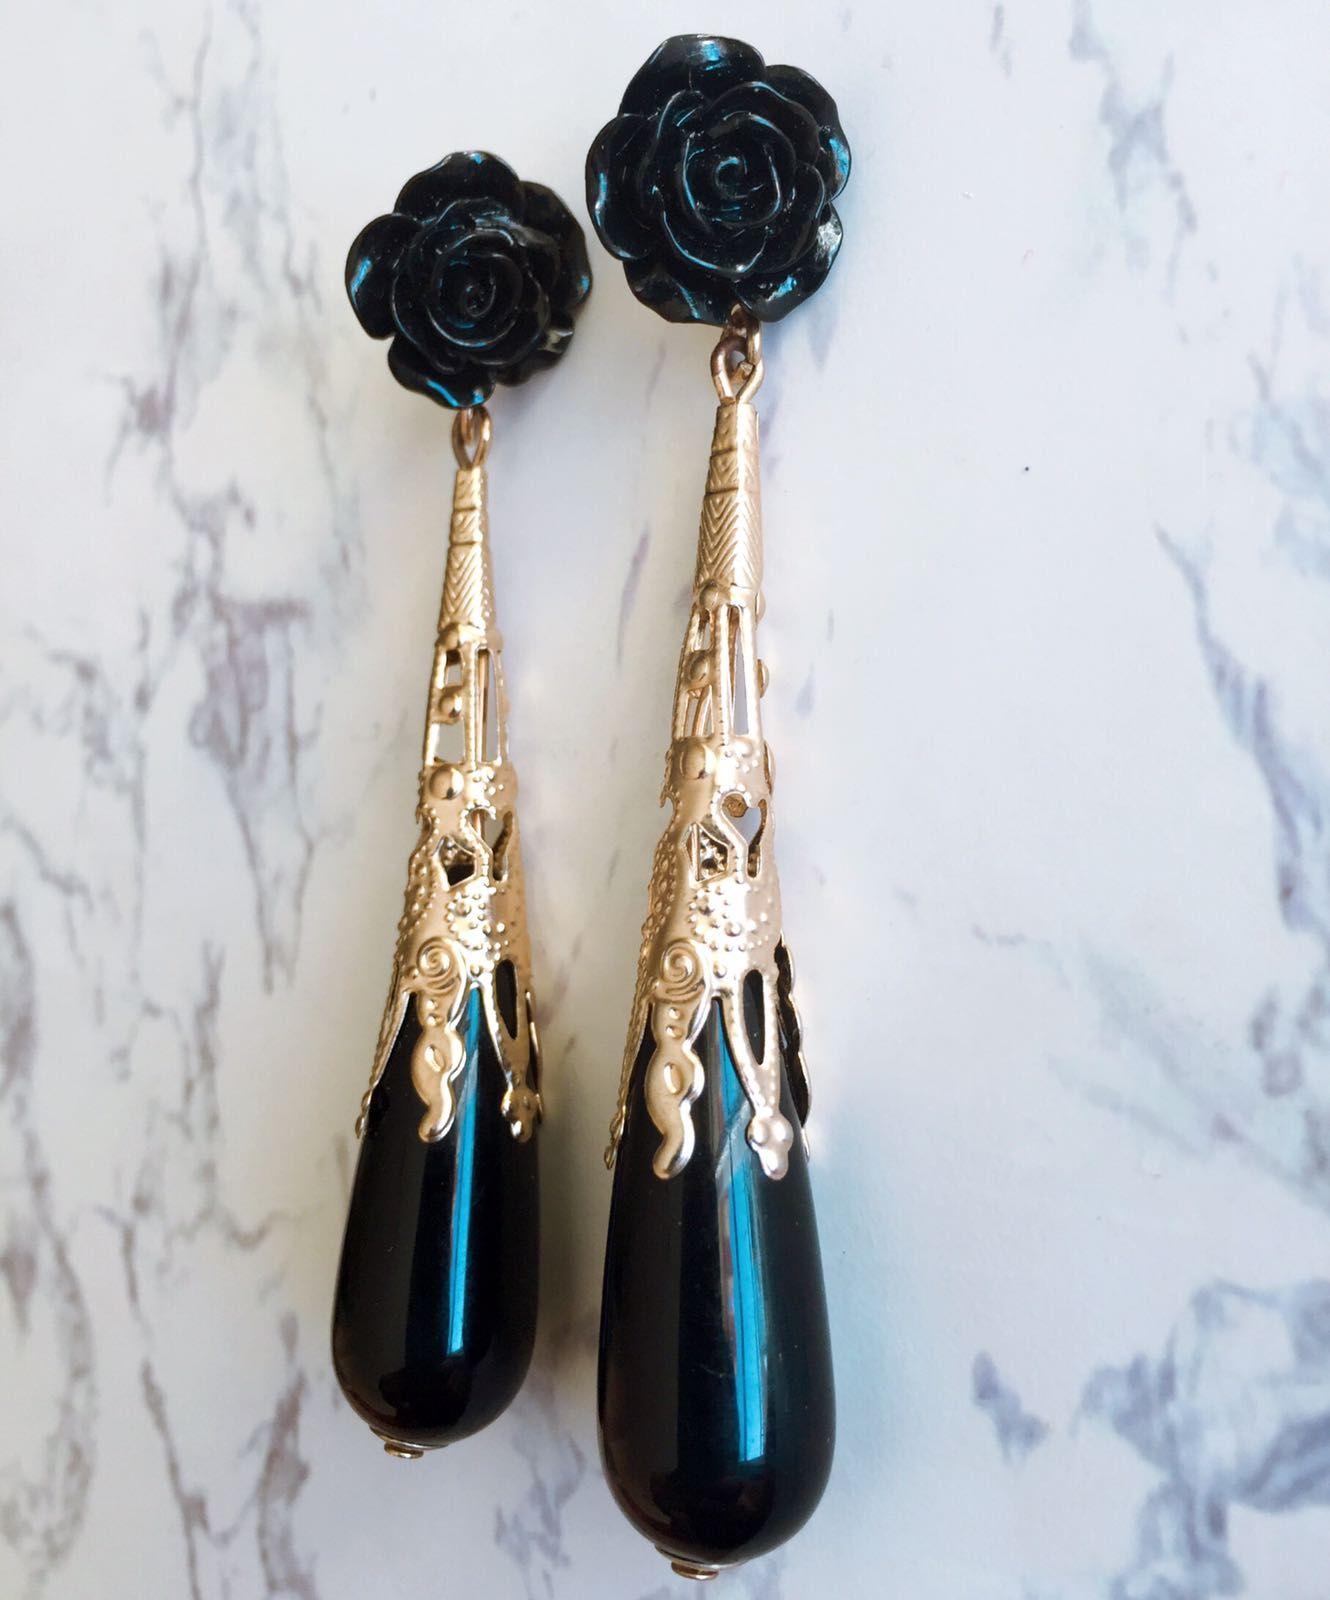 c0ba6d2911d0 Pendientes clásicos de flamenca hechos a mano. Pendientes negros con rosa  de resina